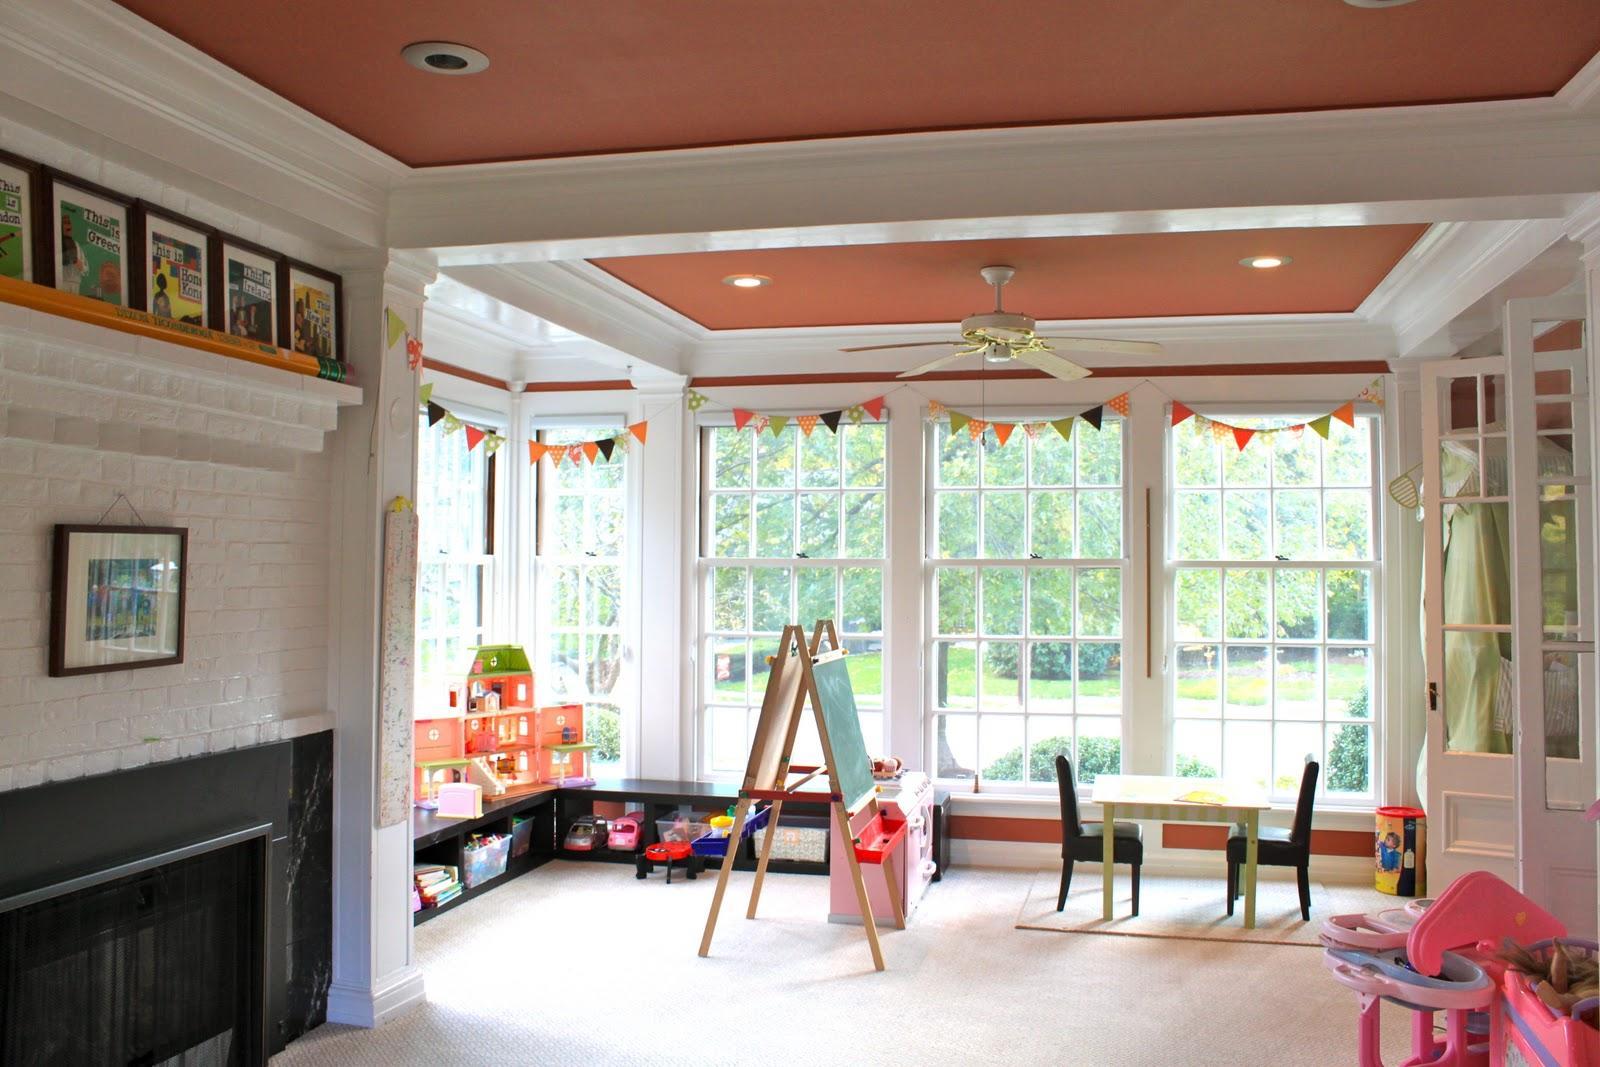 Персиковый цвет потолка в интерьере